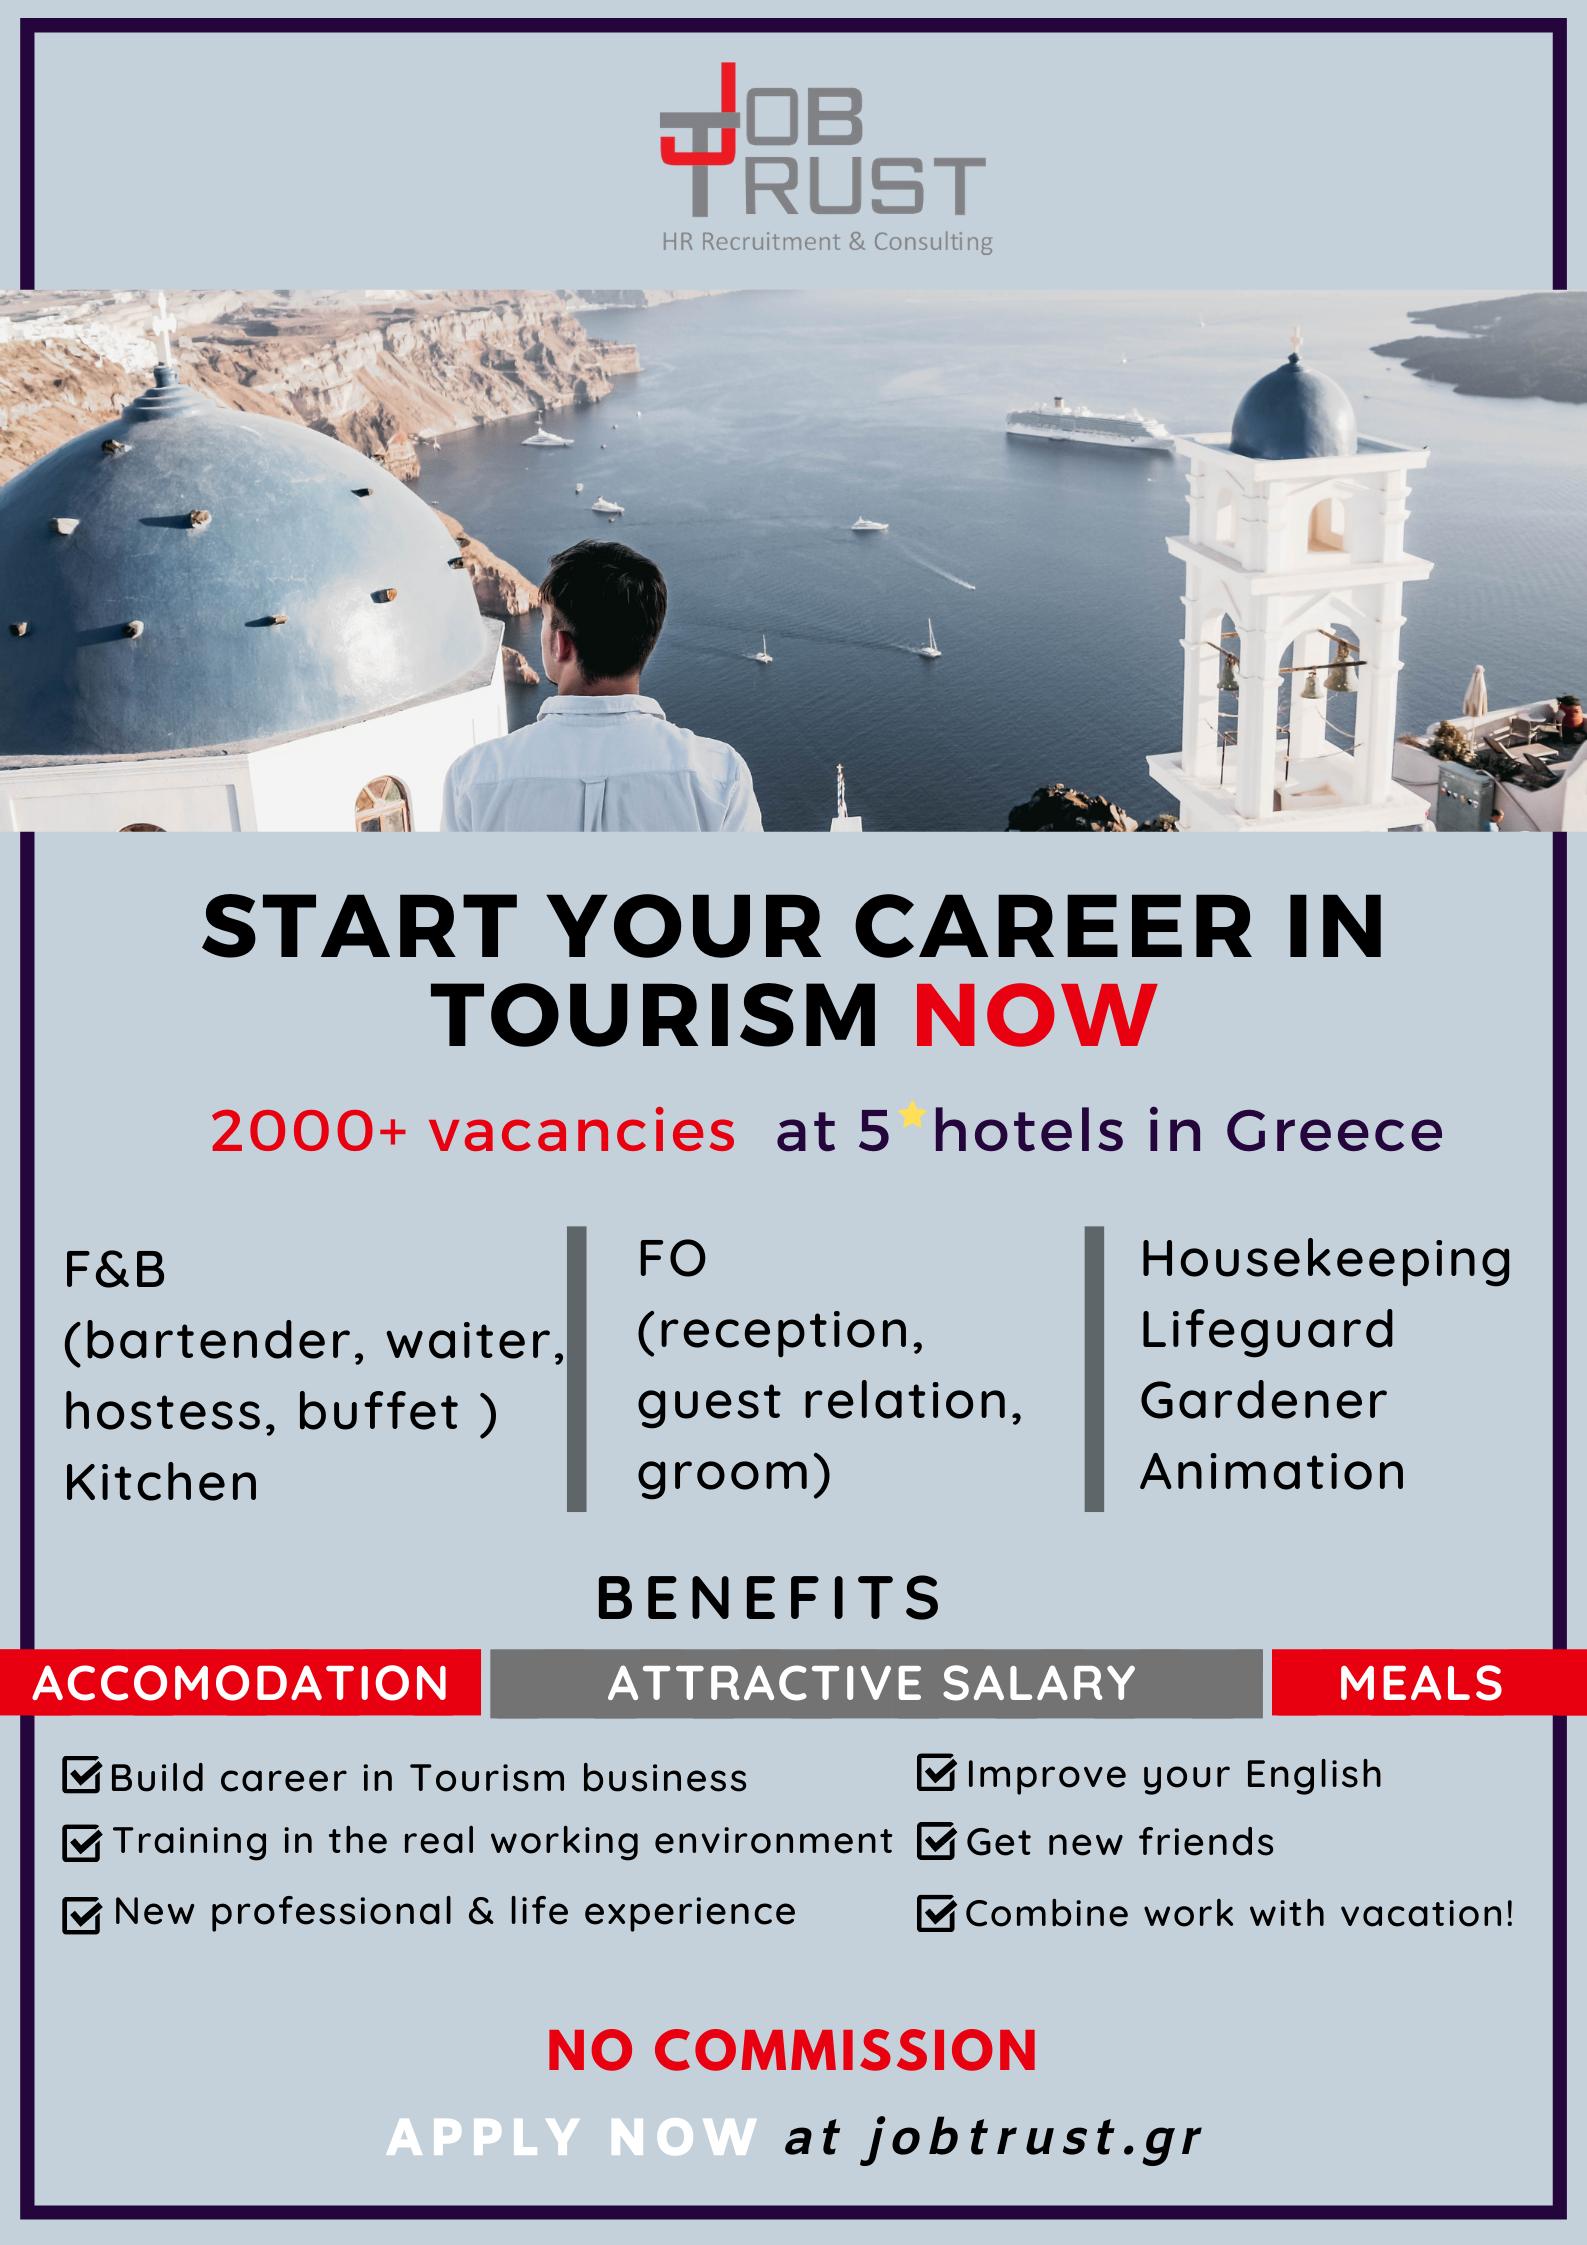 Studenci, którzy są zainteresowani praktykami w Grecji w przyszłym sezonie wakacyjnym - lato 2021) mogą 3 grudnia 2020 dołączyć do prezentacji online nt. oferty firmy JobTrust. Godzina: 18:15 (już czasu polskiego)